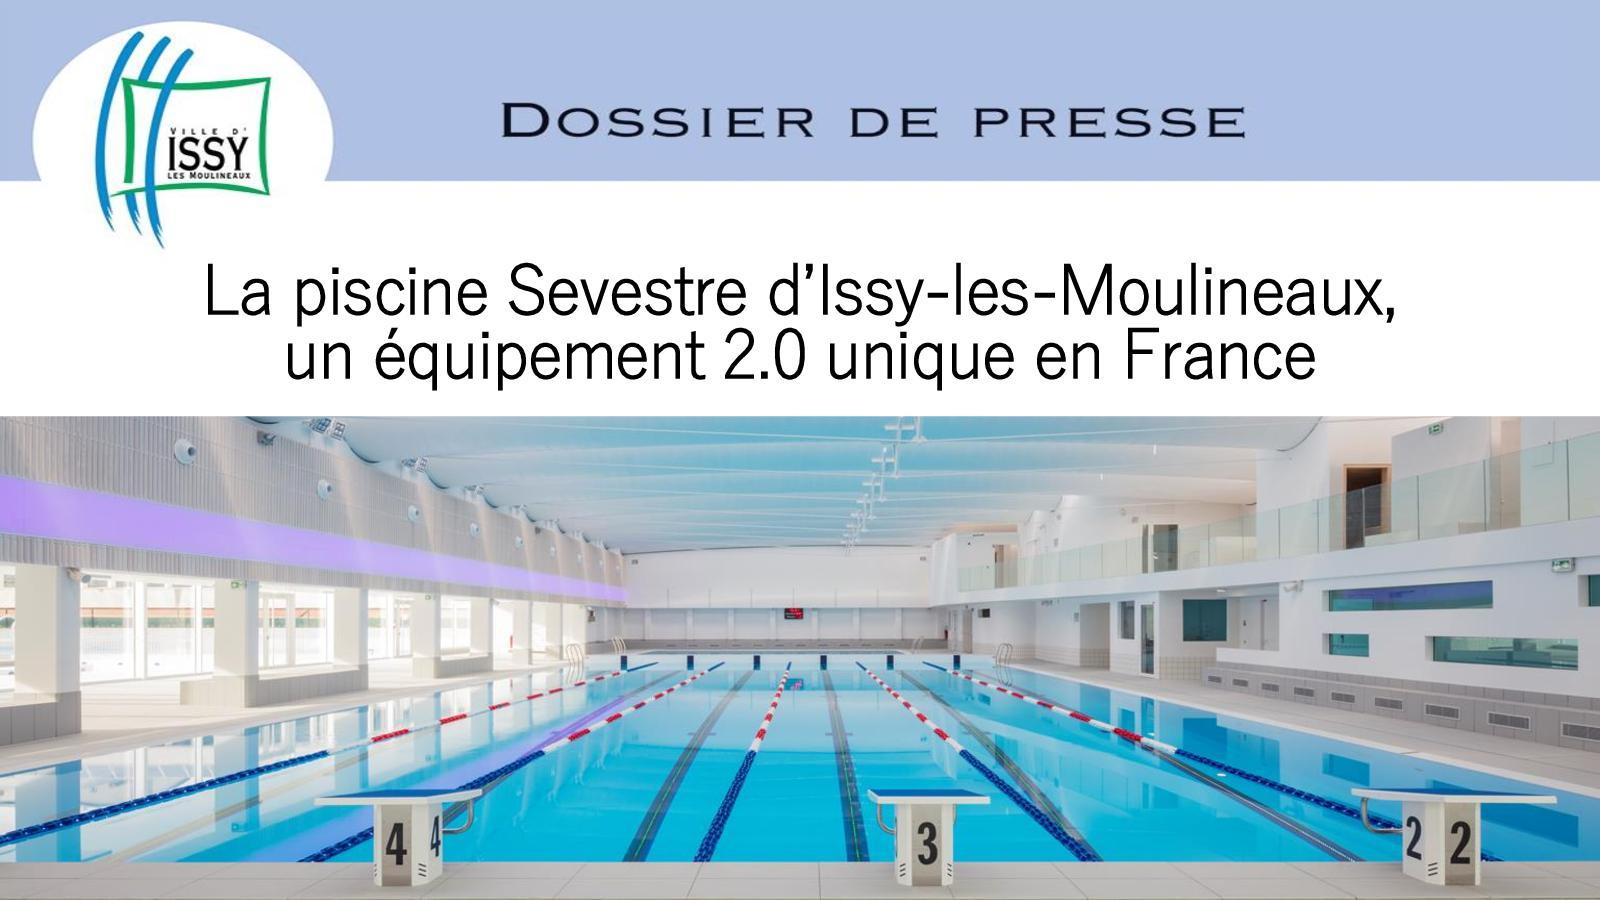 Calaméo - Dossier De Presse Piscine Sevestre : Un Équipement ... serapportantà Piscine Sevestre Issy Les Moulineaux